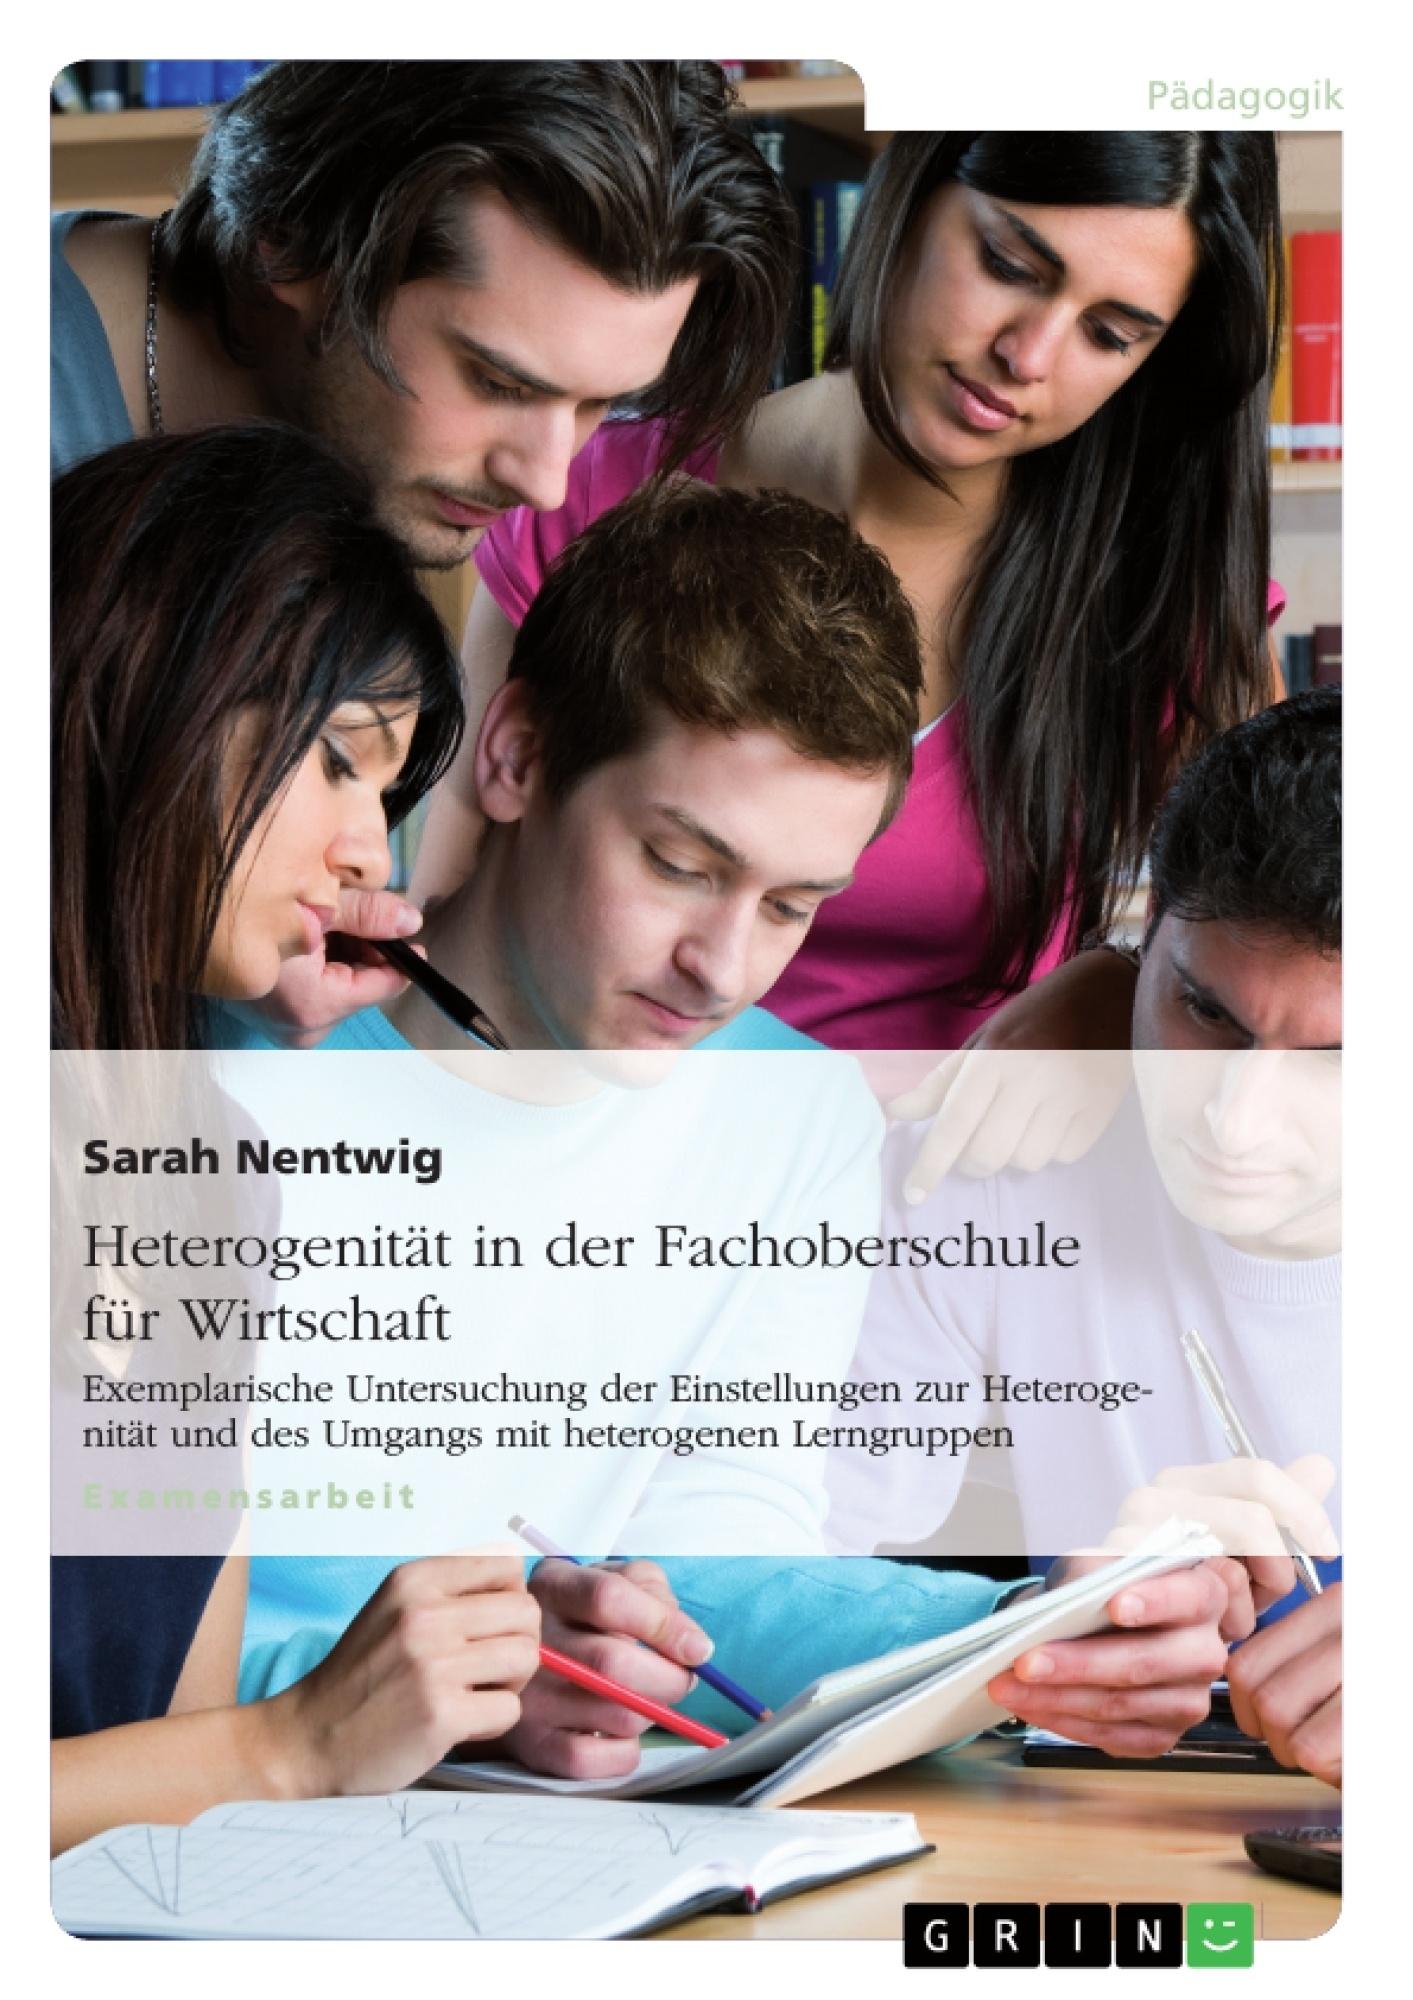 Titel: Heterogenität in der Fachoberschule für Wirtschaft